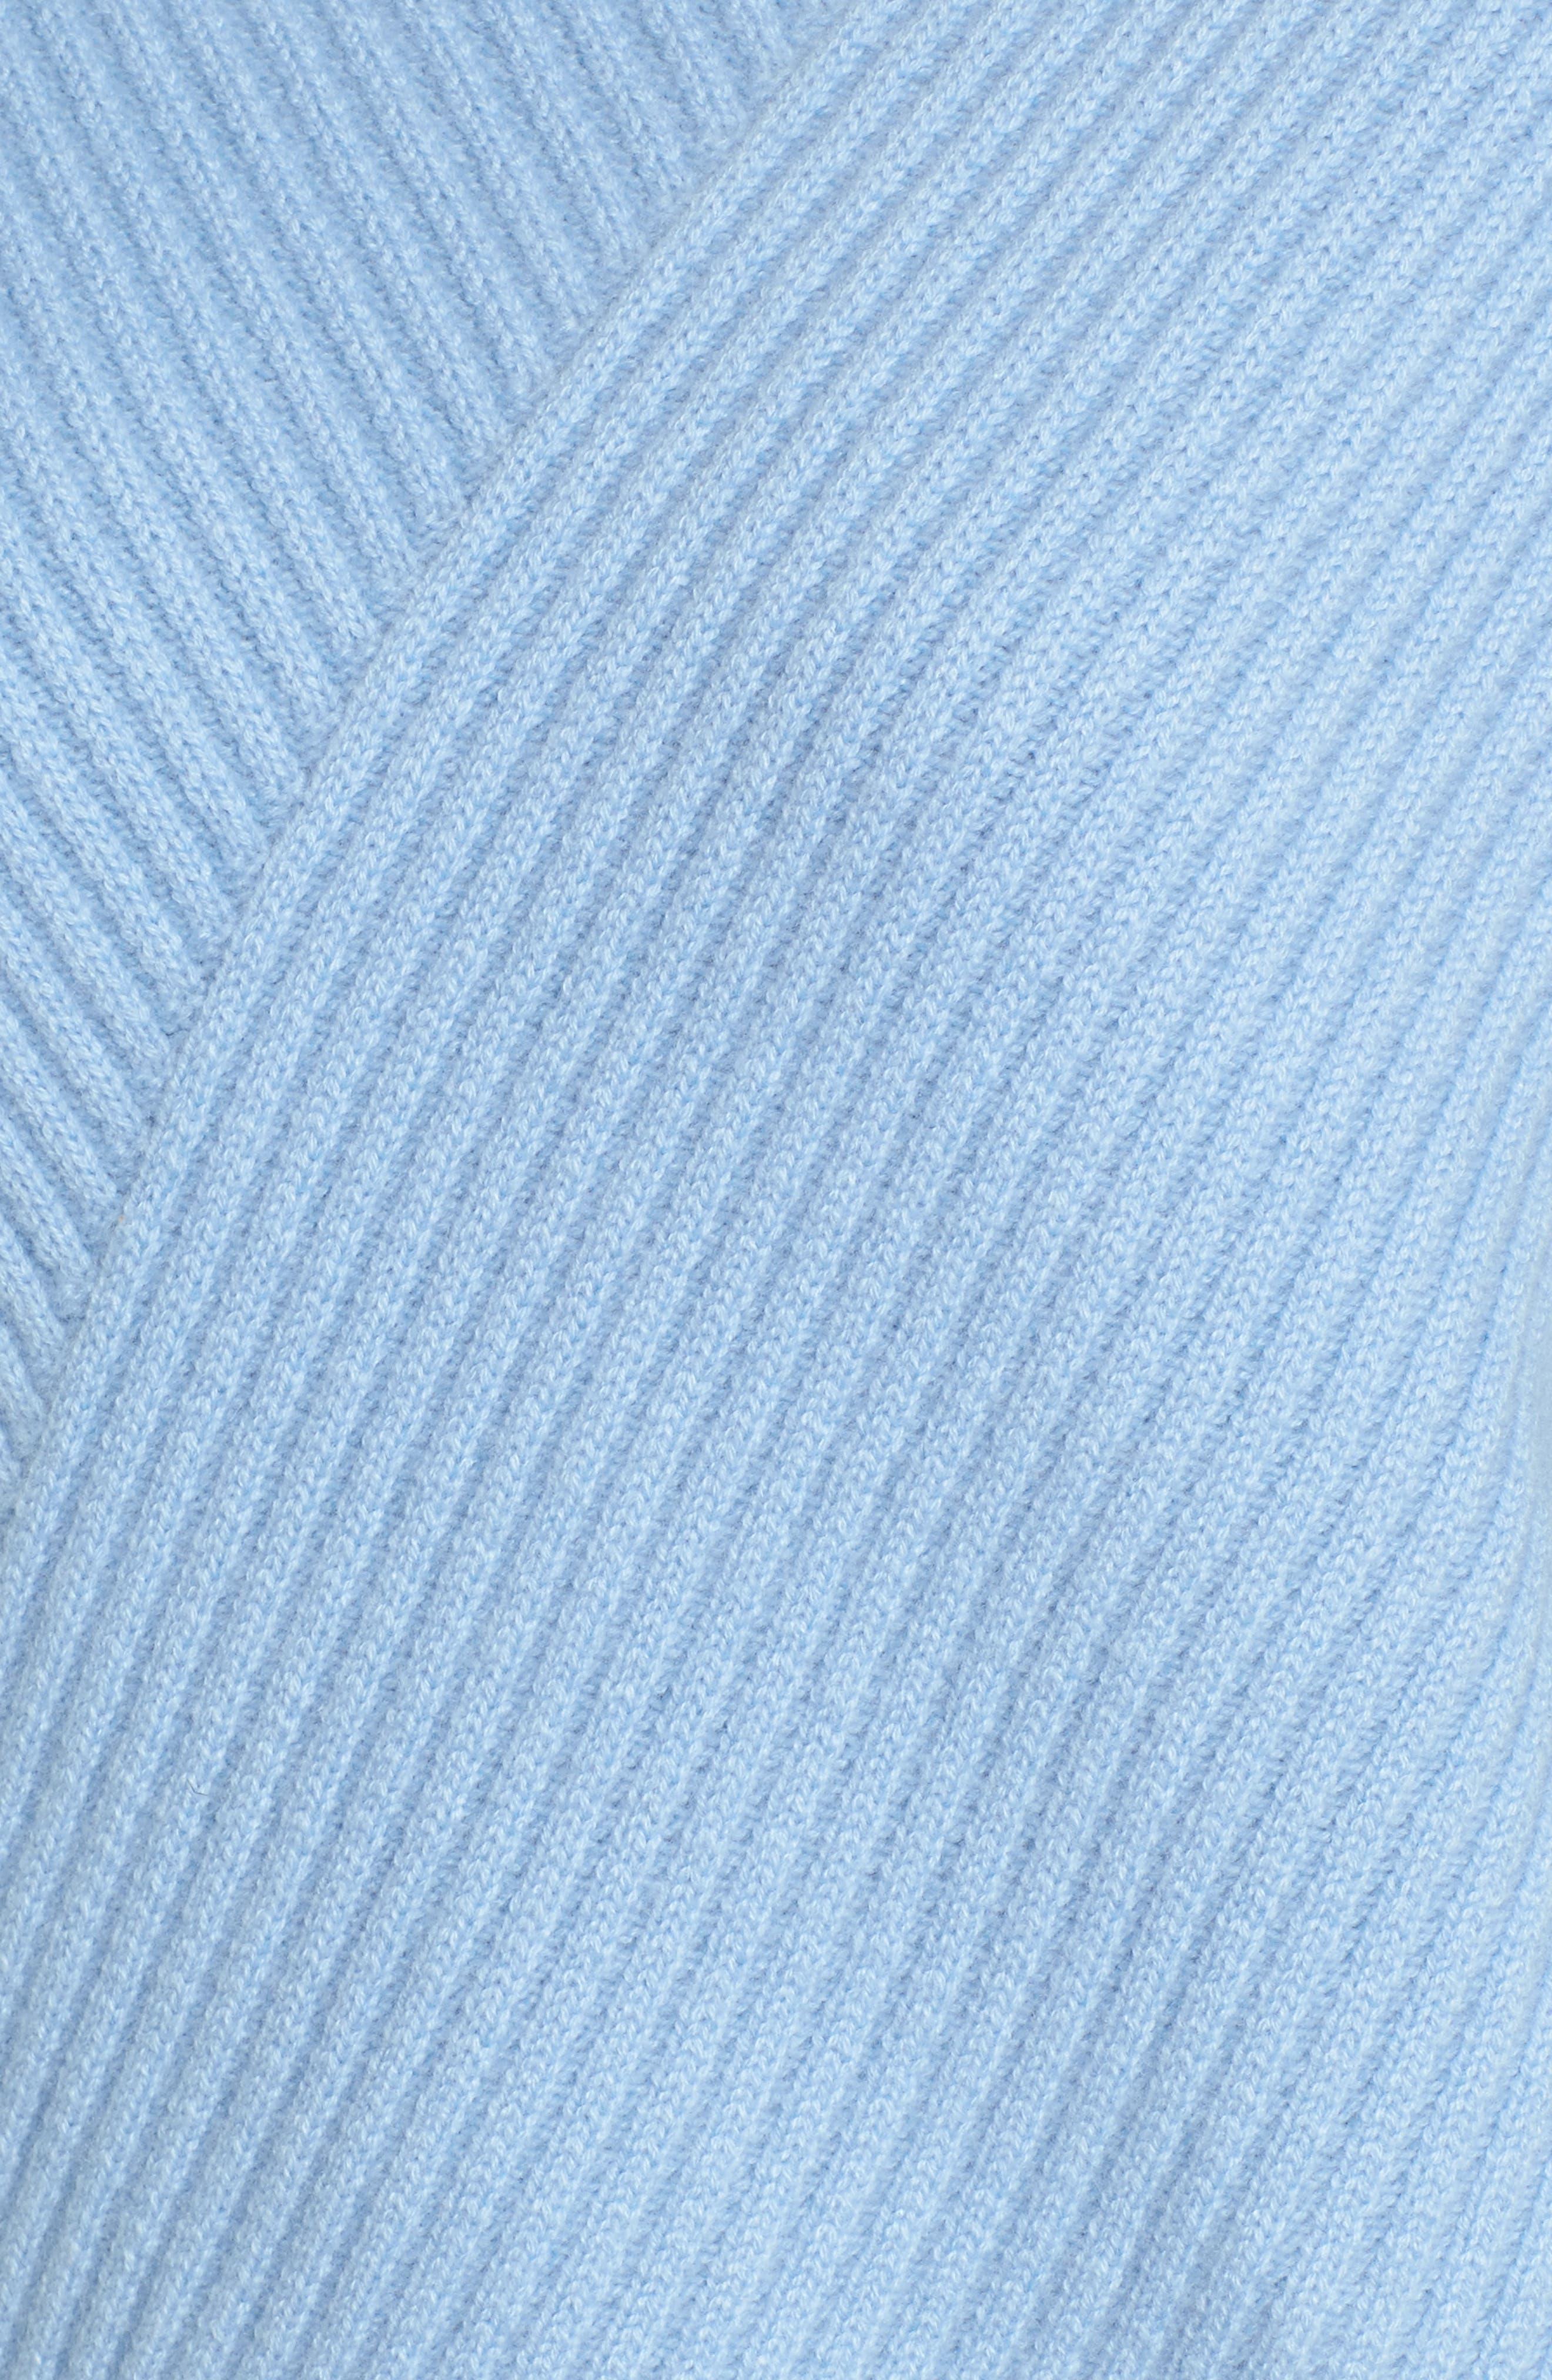 Bateau Neck Button Detail Cashmere Pullover,                             Alternate thumbnail 5, color,                             420